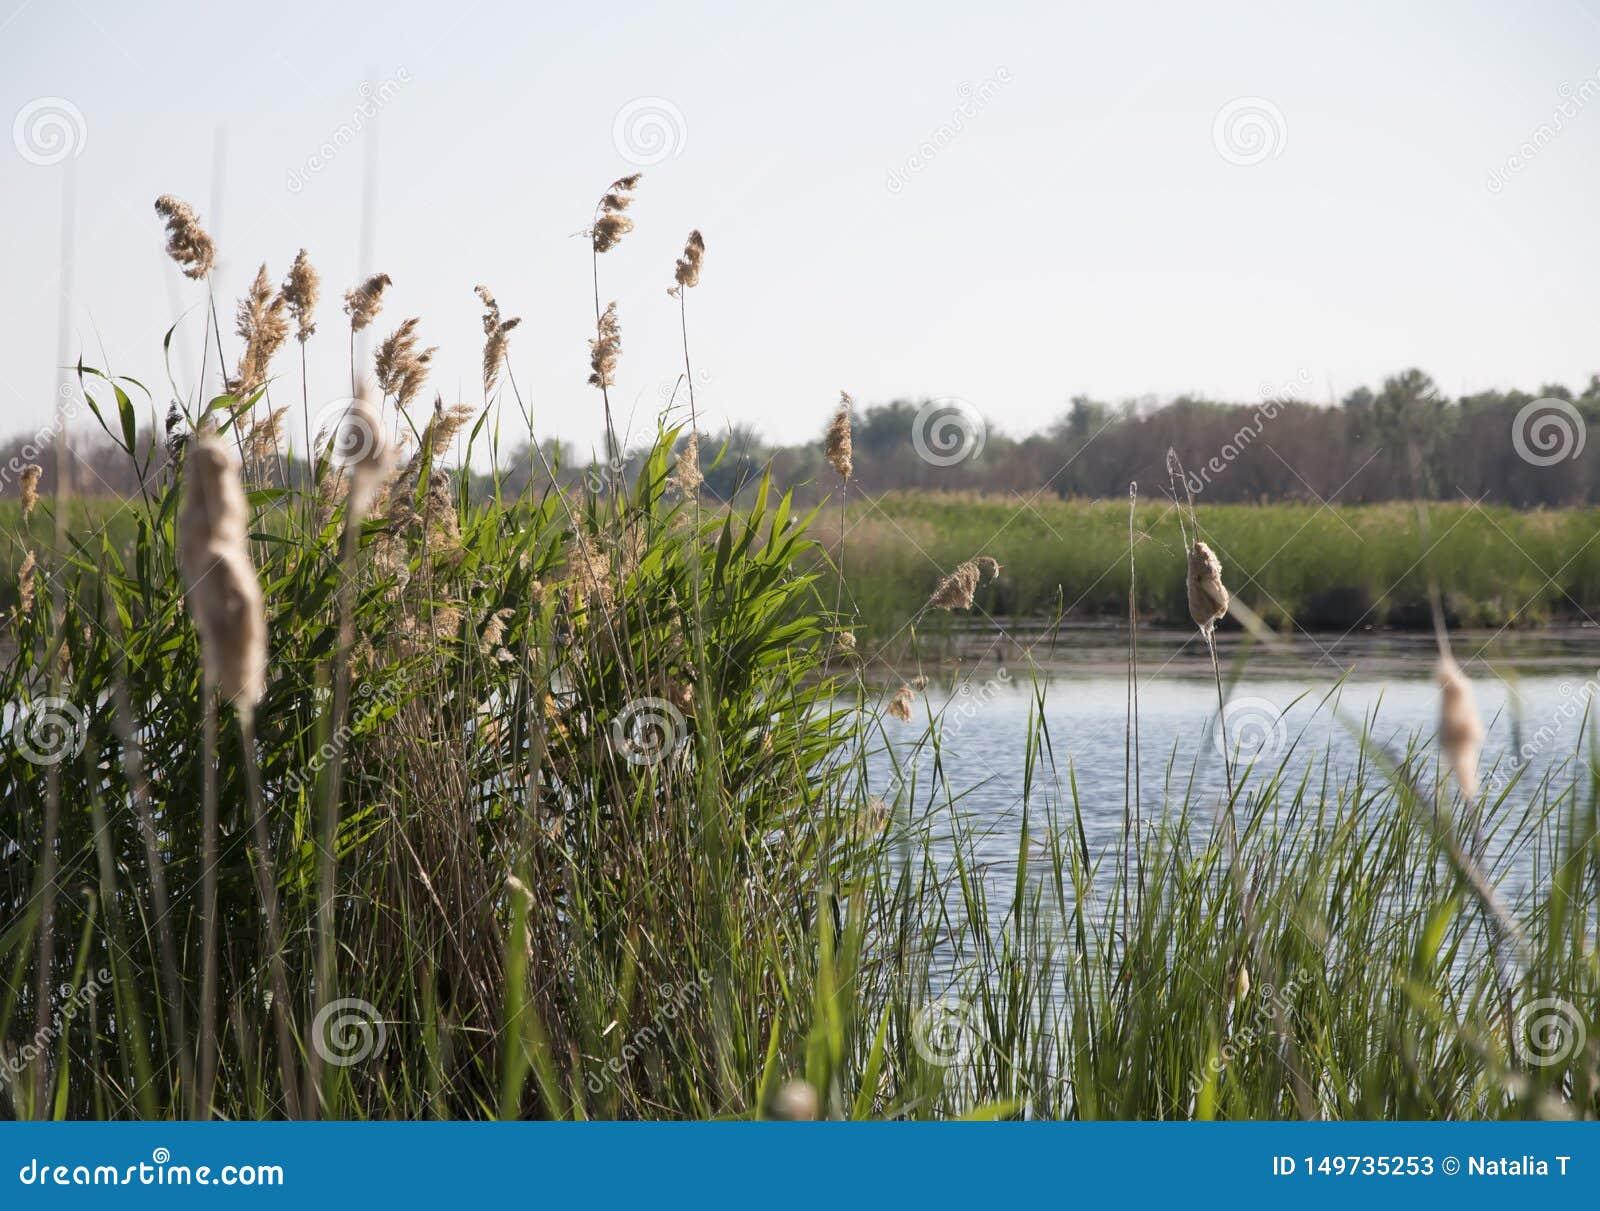 Cañas en la orilla del río, en un día de verano